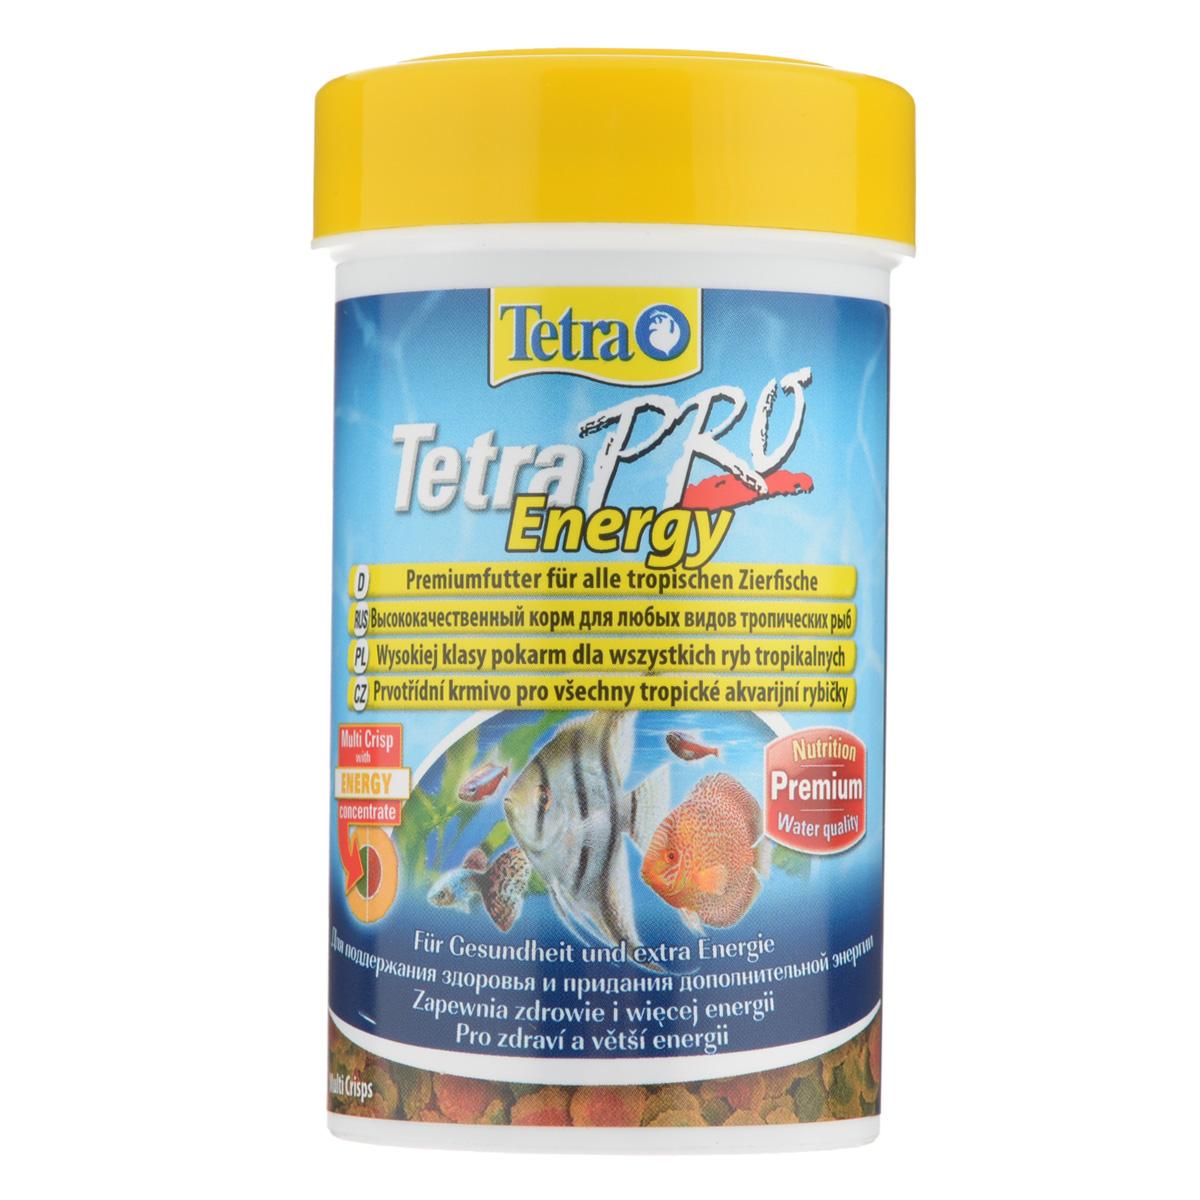 Корм сухой Tetra TetraPro. Energy для всех видов тропических рыб , чипсы, 100 мл (20 г)141711Полноценный высококачественный корм Tetra TetraPro. Energy для всех видов тропических рыб разработан для поддержания здоровья и придания дополнительной энергии. Особенности Tetra TetraPro. Energy:- щадящая низкотемпературная технология изготовления обеспечивает высокую питательную ценность и стабильность витаминов;- энергетический концентрат для дополнительной энергии;- инновационная форма чипсов для минимального загрязнения воды отходами; - легкое кормление. Рекомендации по кормлению: кормить несколько раз в день маленькими порциями. Состав: рыба и побочные рыбные продукты, зерновые культуры, экстракты растительного белка, дрожжи, моллюски и раки, масла и жиры, водоросли, сахар.Аналитические компоненты: сырой белок - 46%, сырые масла и жиры - 12%, сырая клетчатка - 2,0%, влага - 9%.Добавки: витамины, провитамины и химические вещества с аналогичным воздействием: витамин А 29880 МЕ/кг, витамин Д3 1865 МЕ/кг, Л-карнитин 123 мг/кг. Комбинации элементов: Е5 Марганец 67 мг/кг, Е6 Цинк 40 мг/кг, Е1 Железо 26 мг/кг, Е3 Кобальт 0,6 мг/кг. Красители, консерванты, антиоксиданты. Товар сертифицирован.